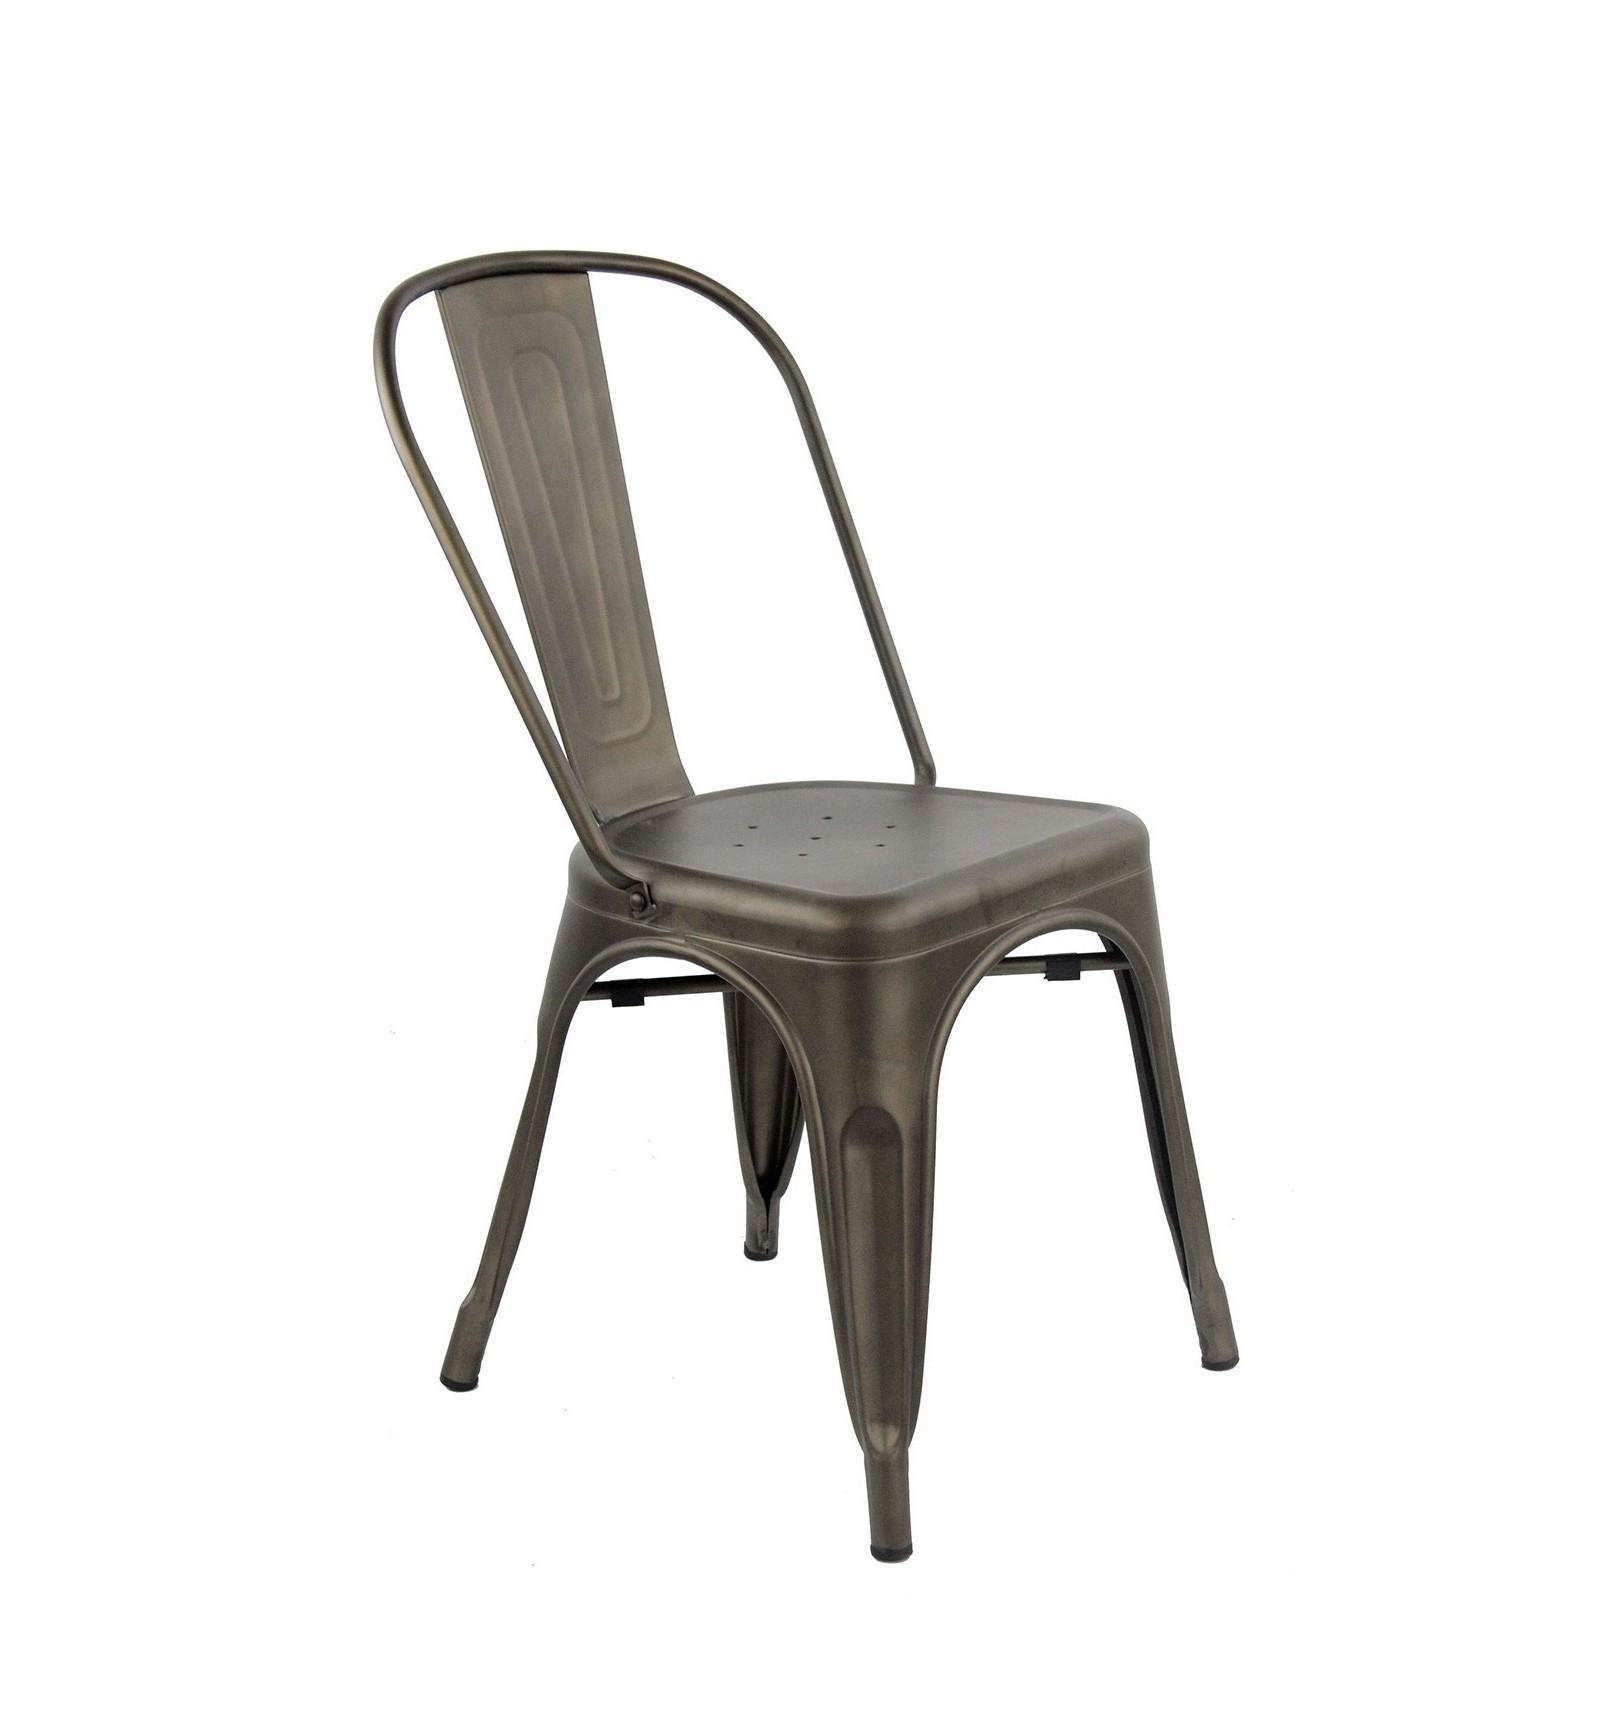 Lami sedia in metallo industriale agap forniture for Sedie design industriale